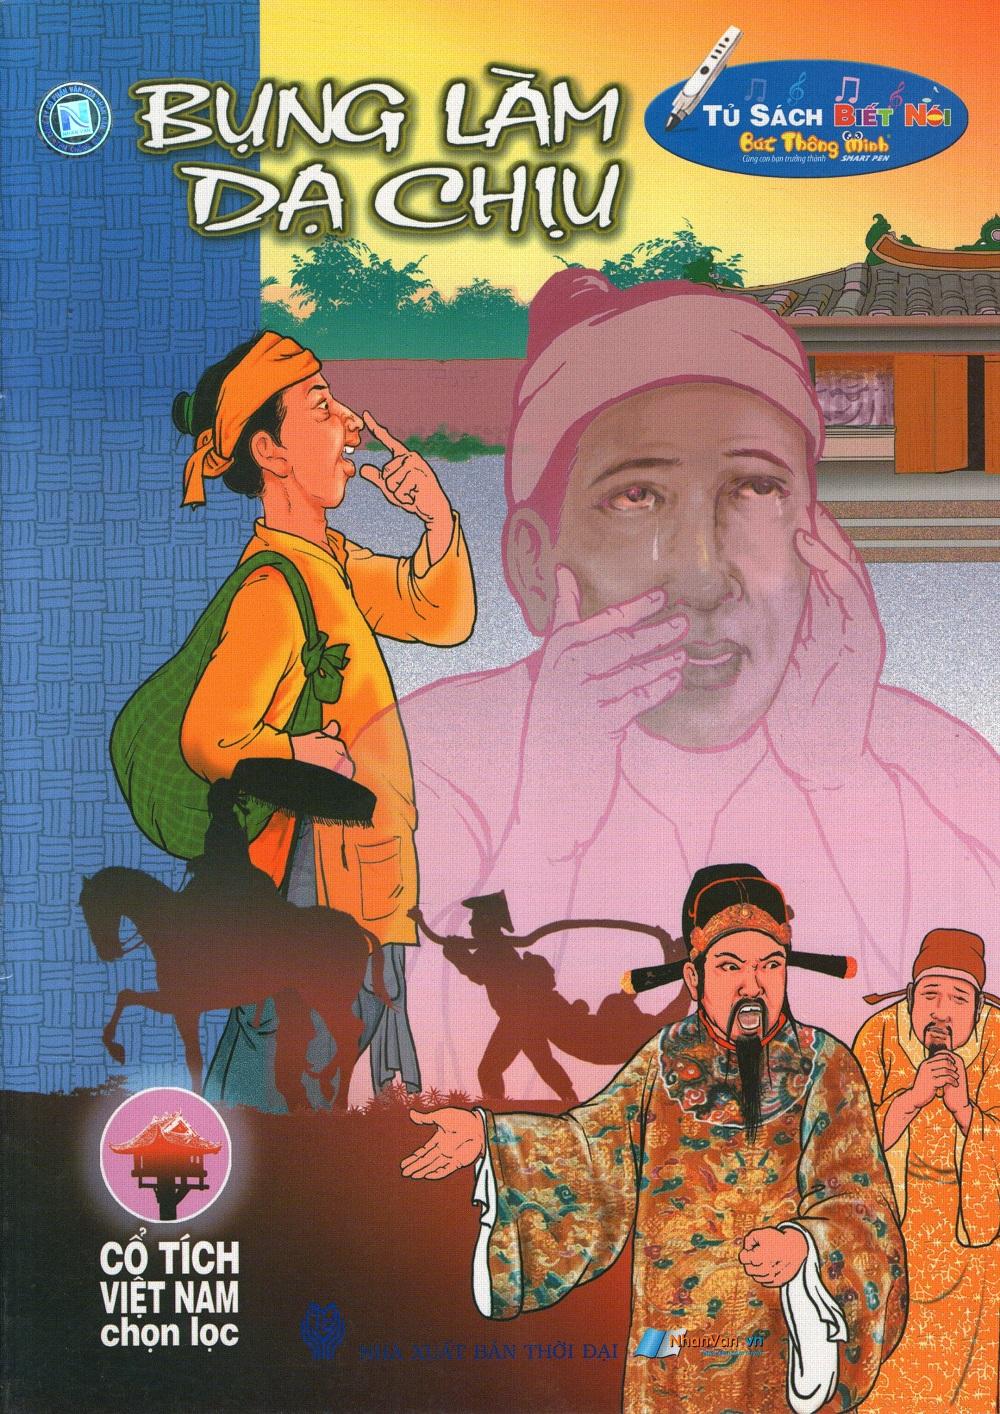 Bìa sách Cổ Tích Việt Nam Chọn Lọc: Bụng Làm Dạ Chịu